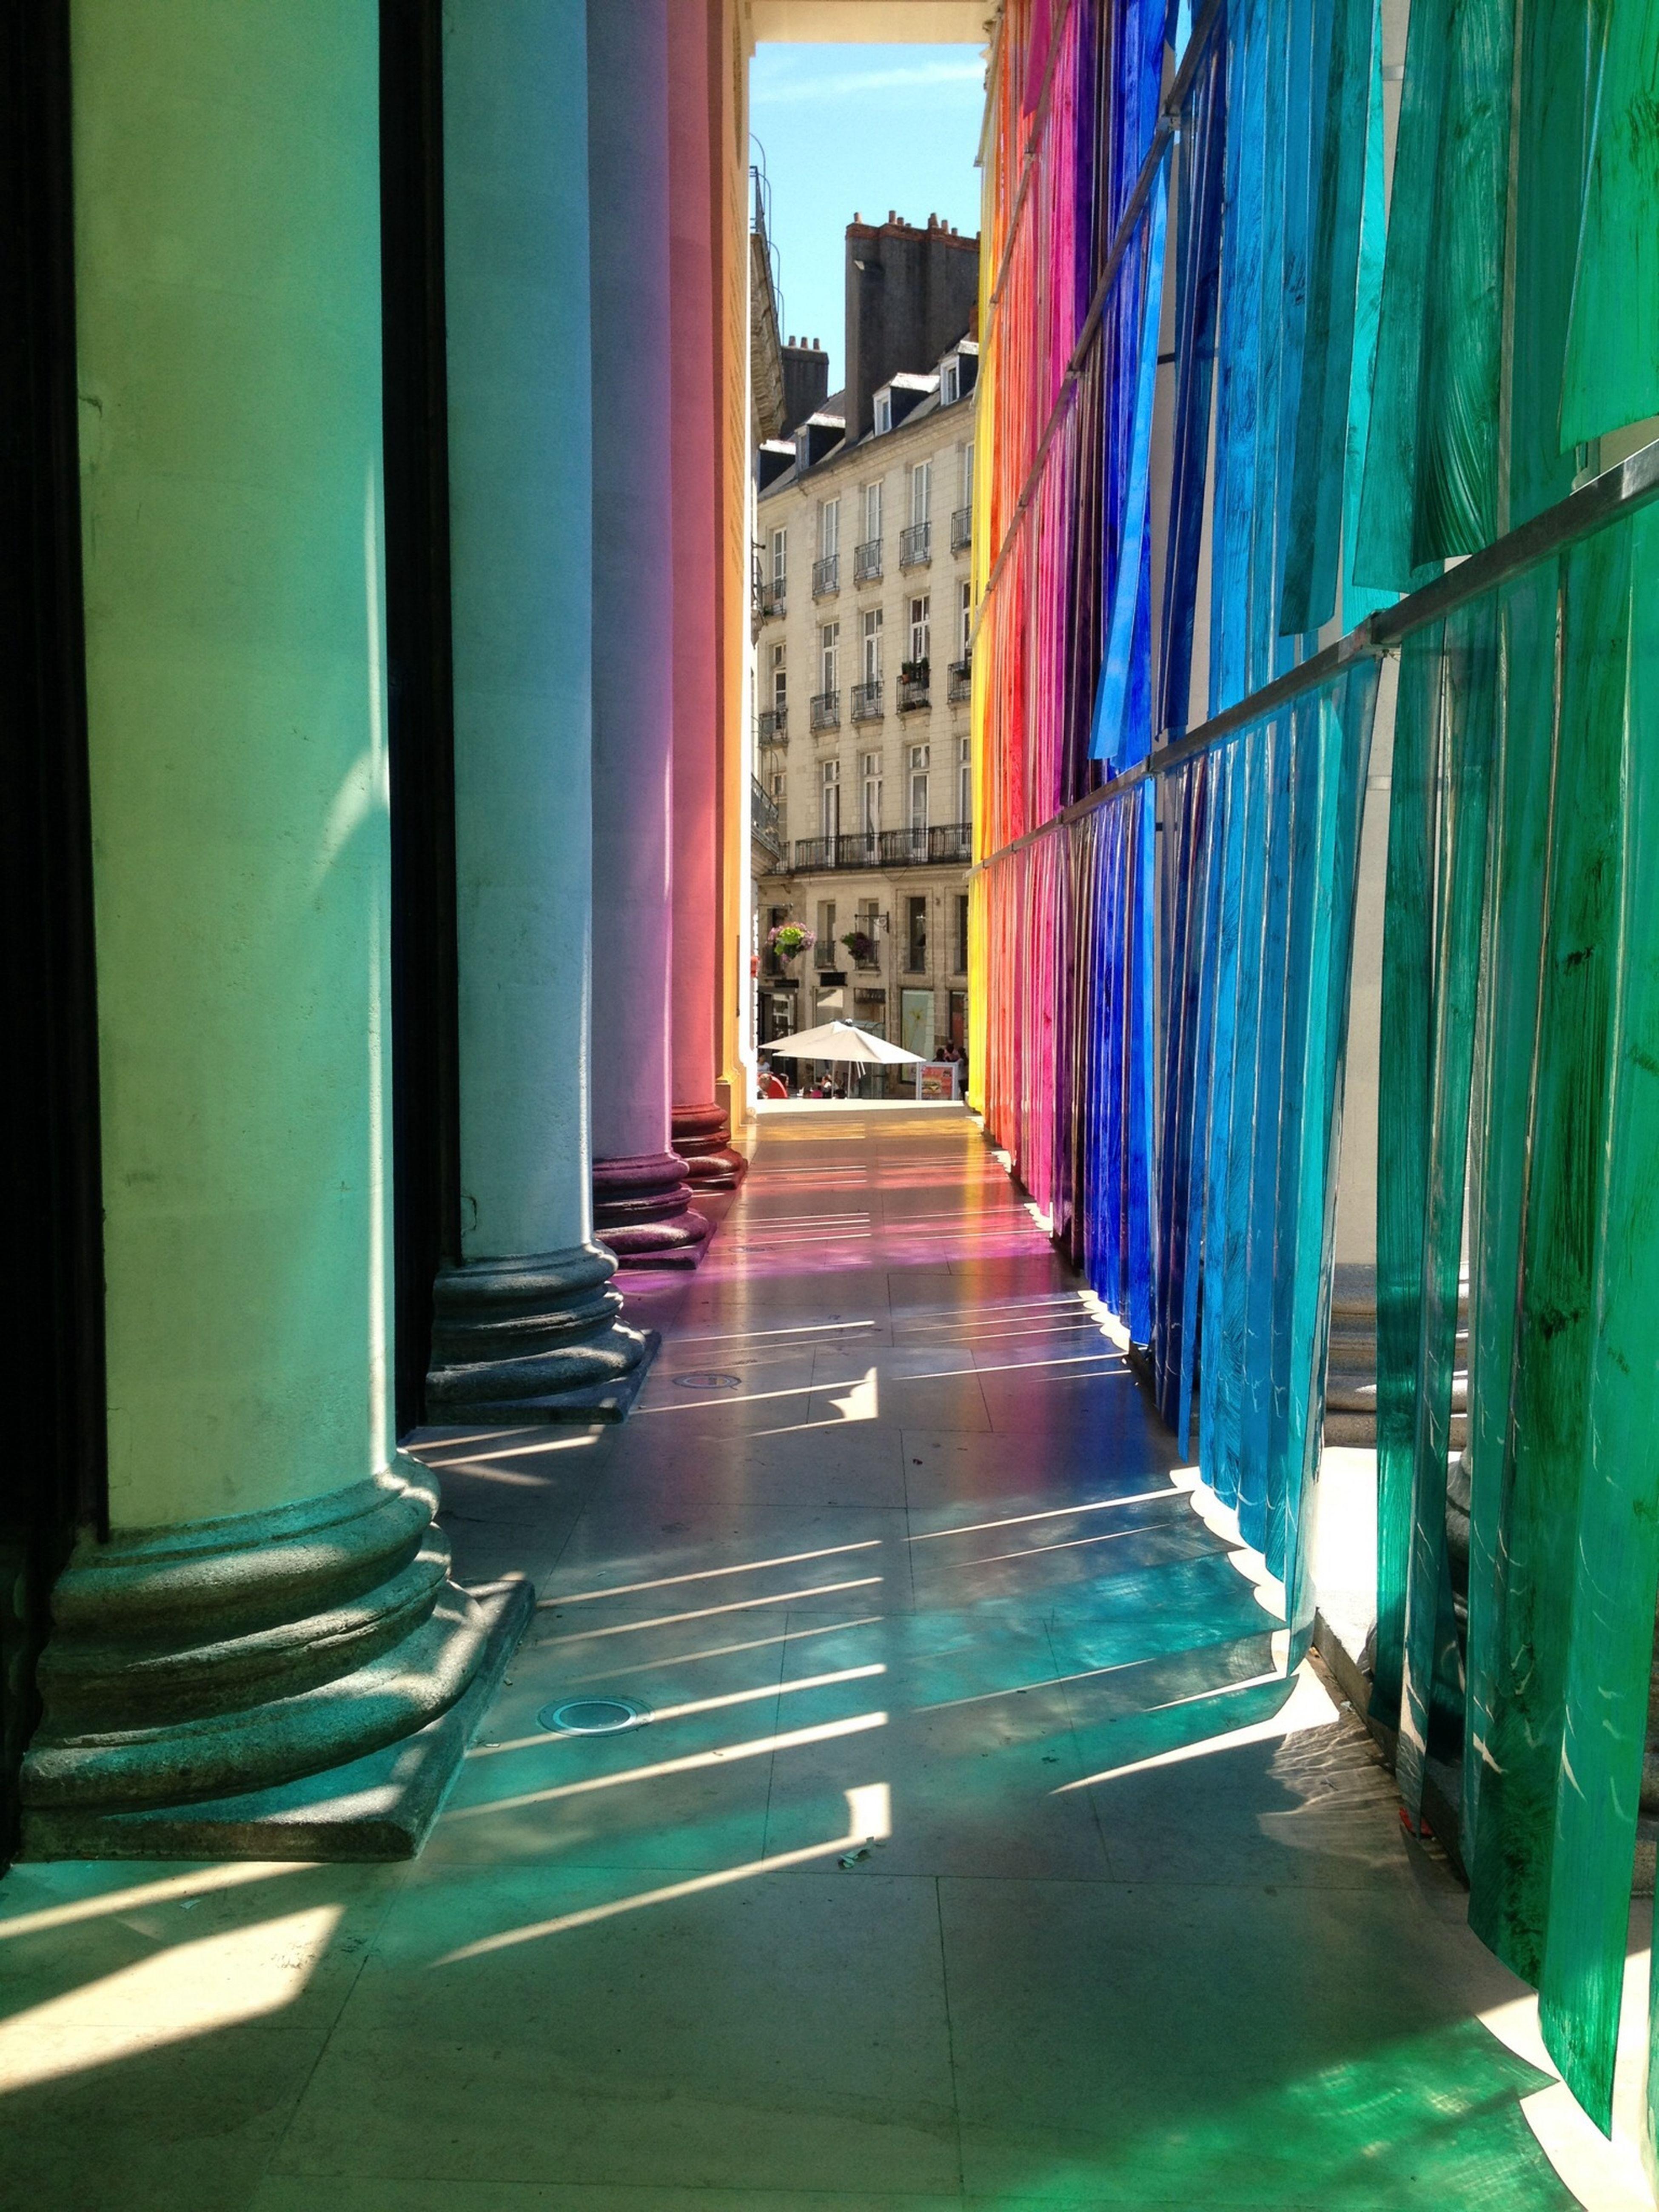 Le voyage à Nantes Street Photography